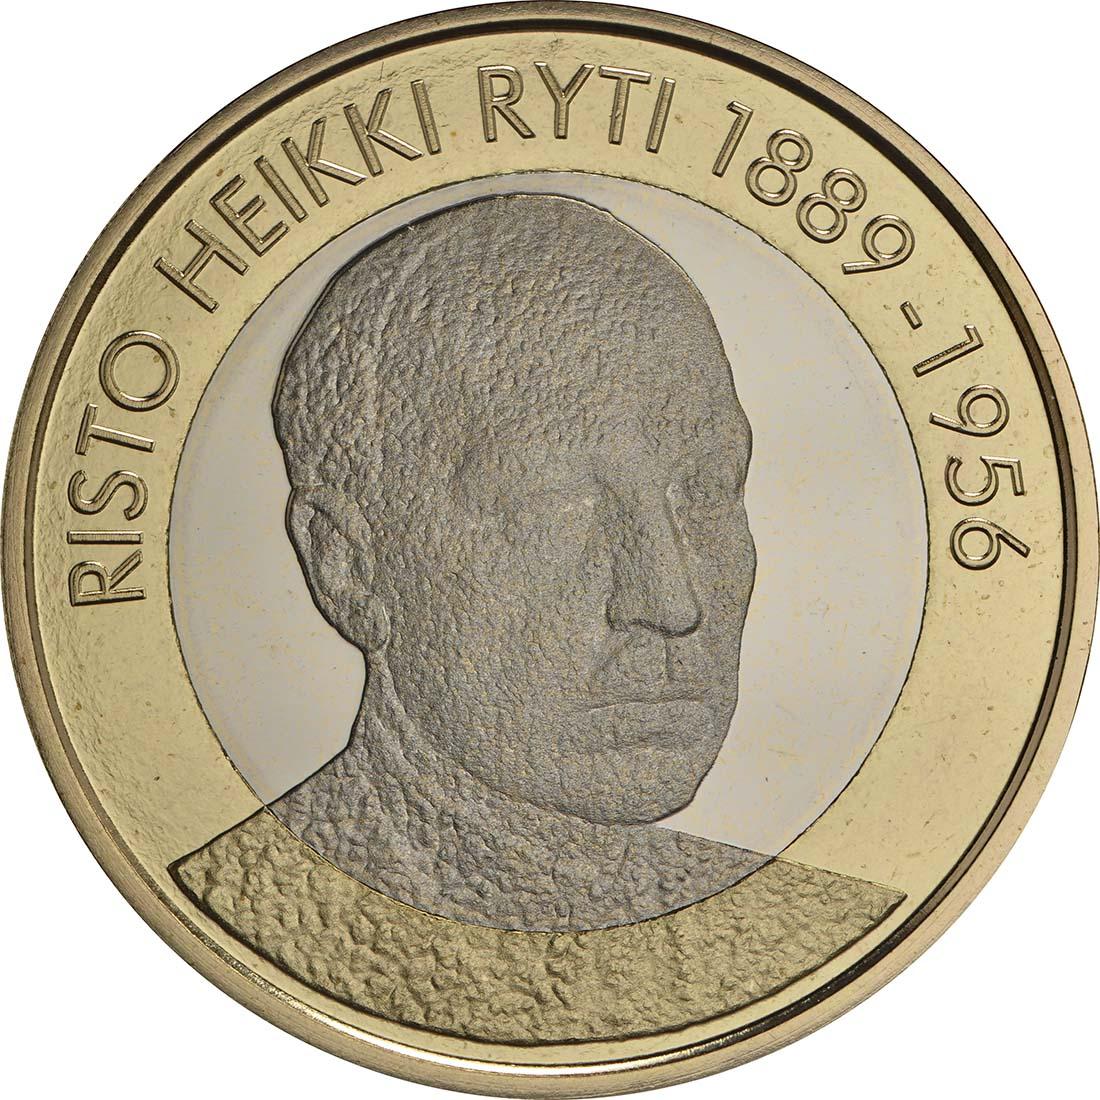 Bild der Vorderseite :Finnland - 5 Euro Ryti  2017 PP